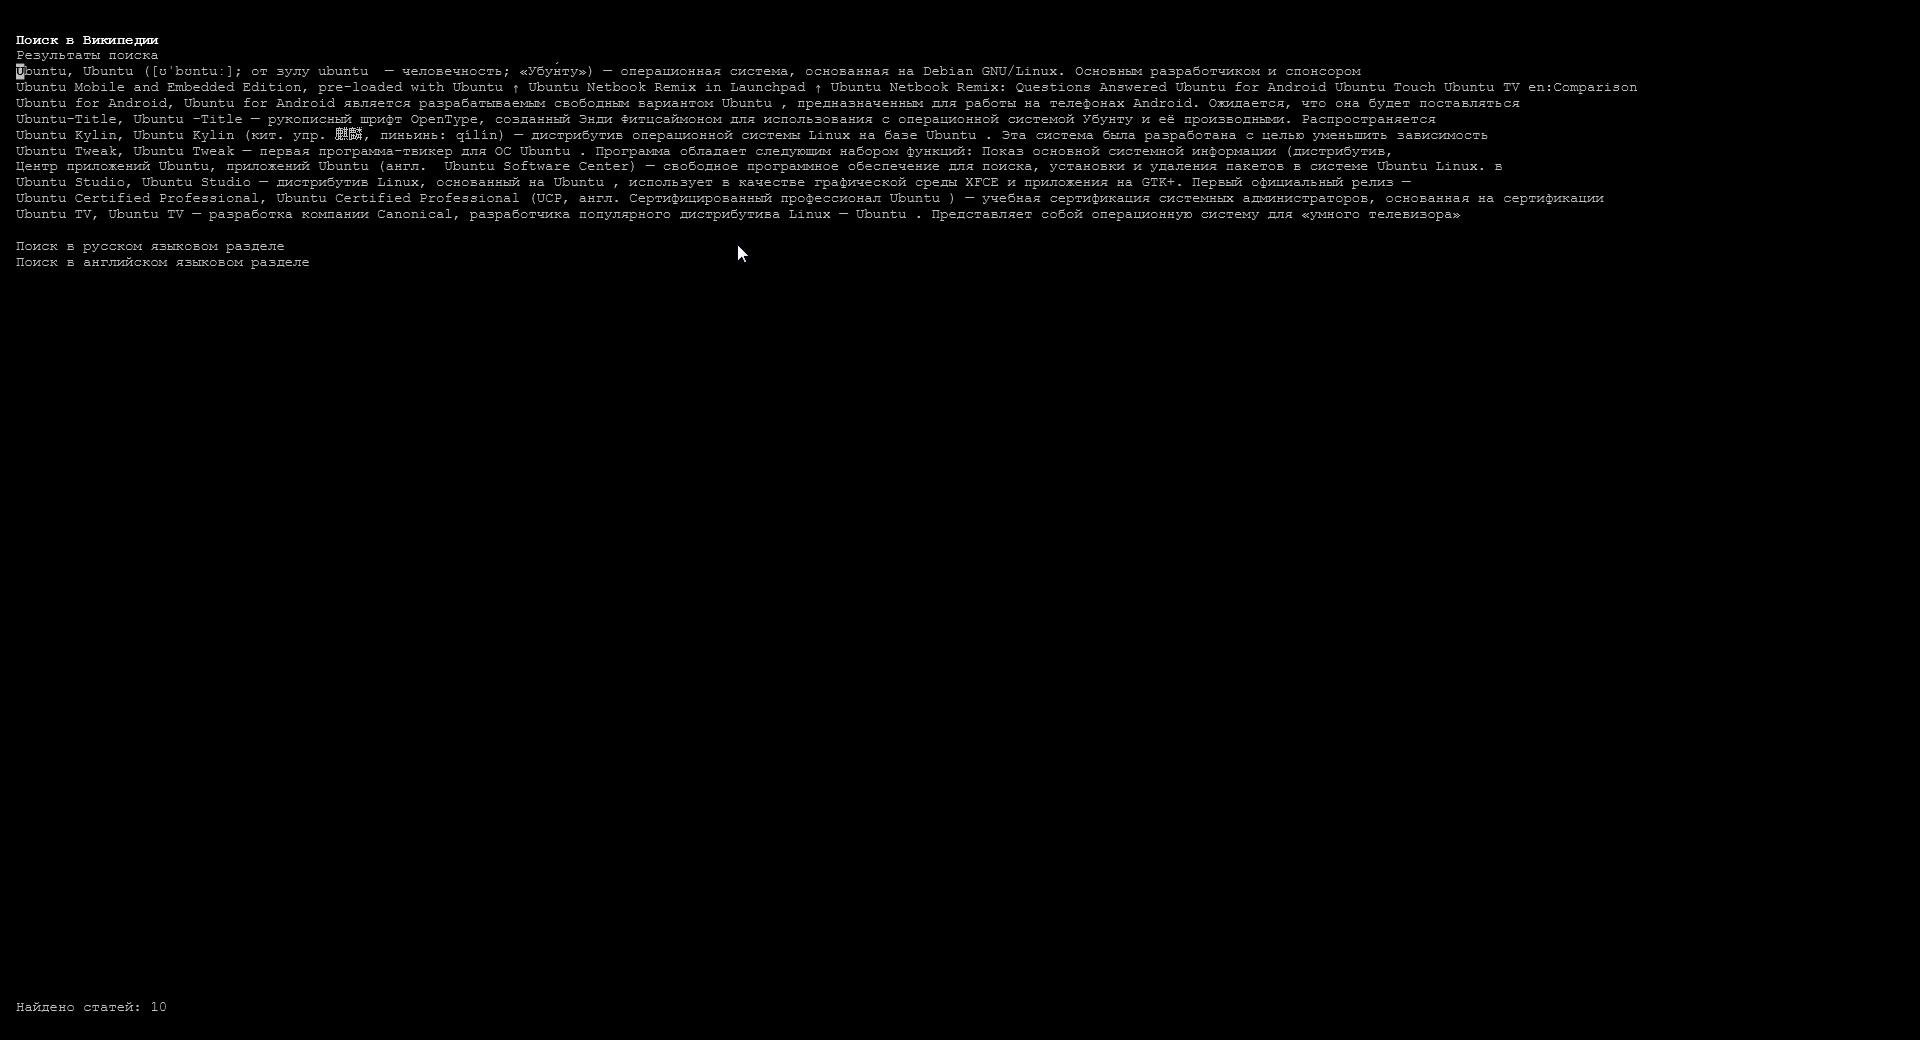 Результат поиска 'Ubuntu' по Википедии в LUWRAIN